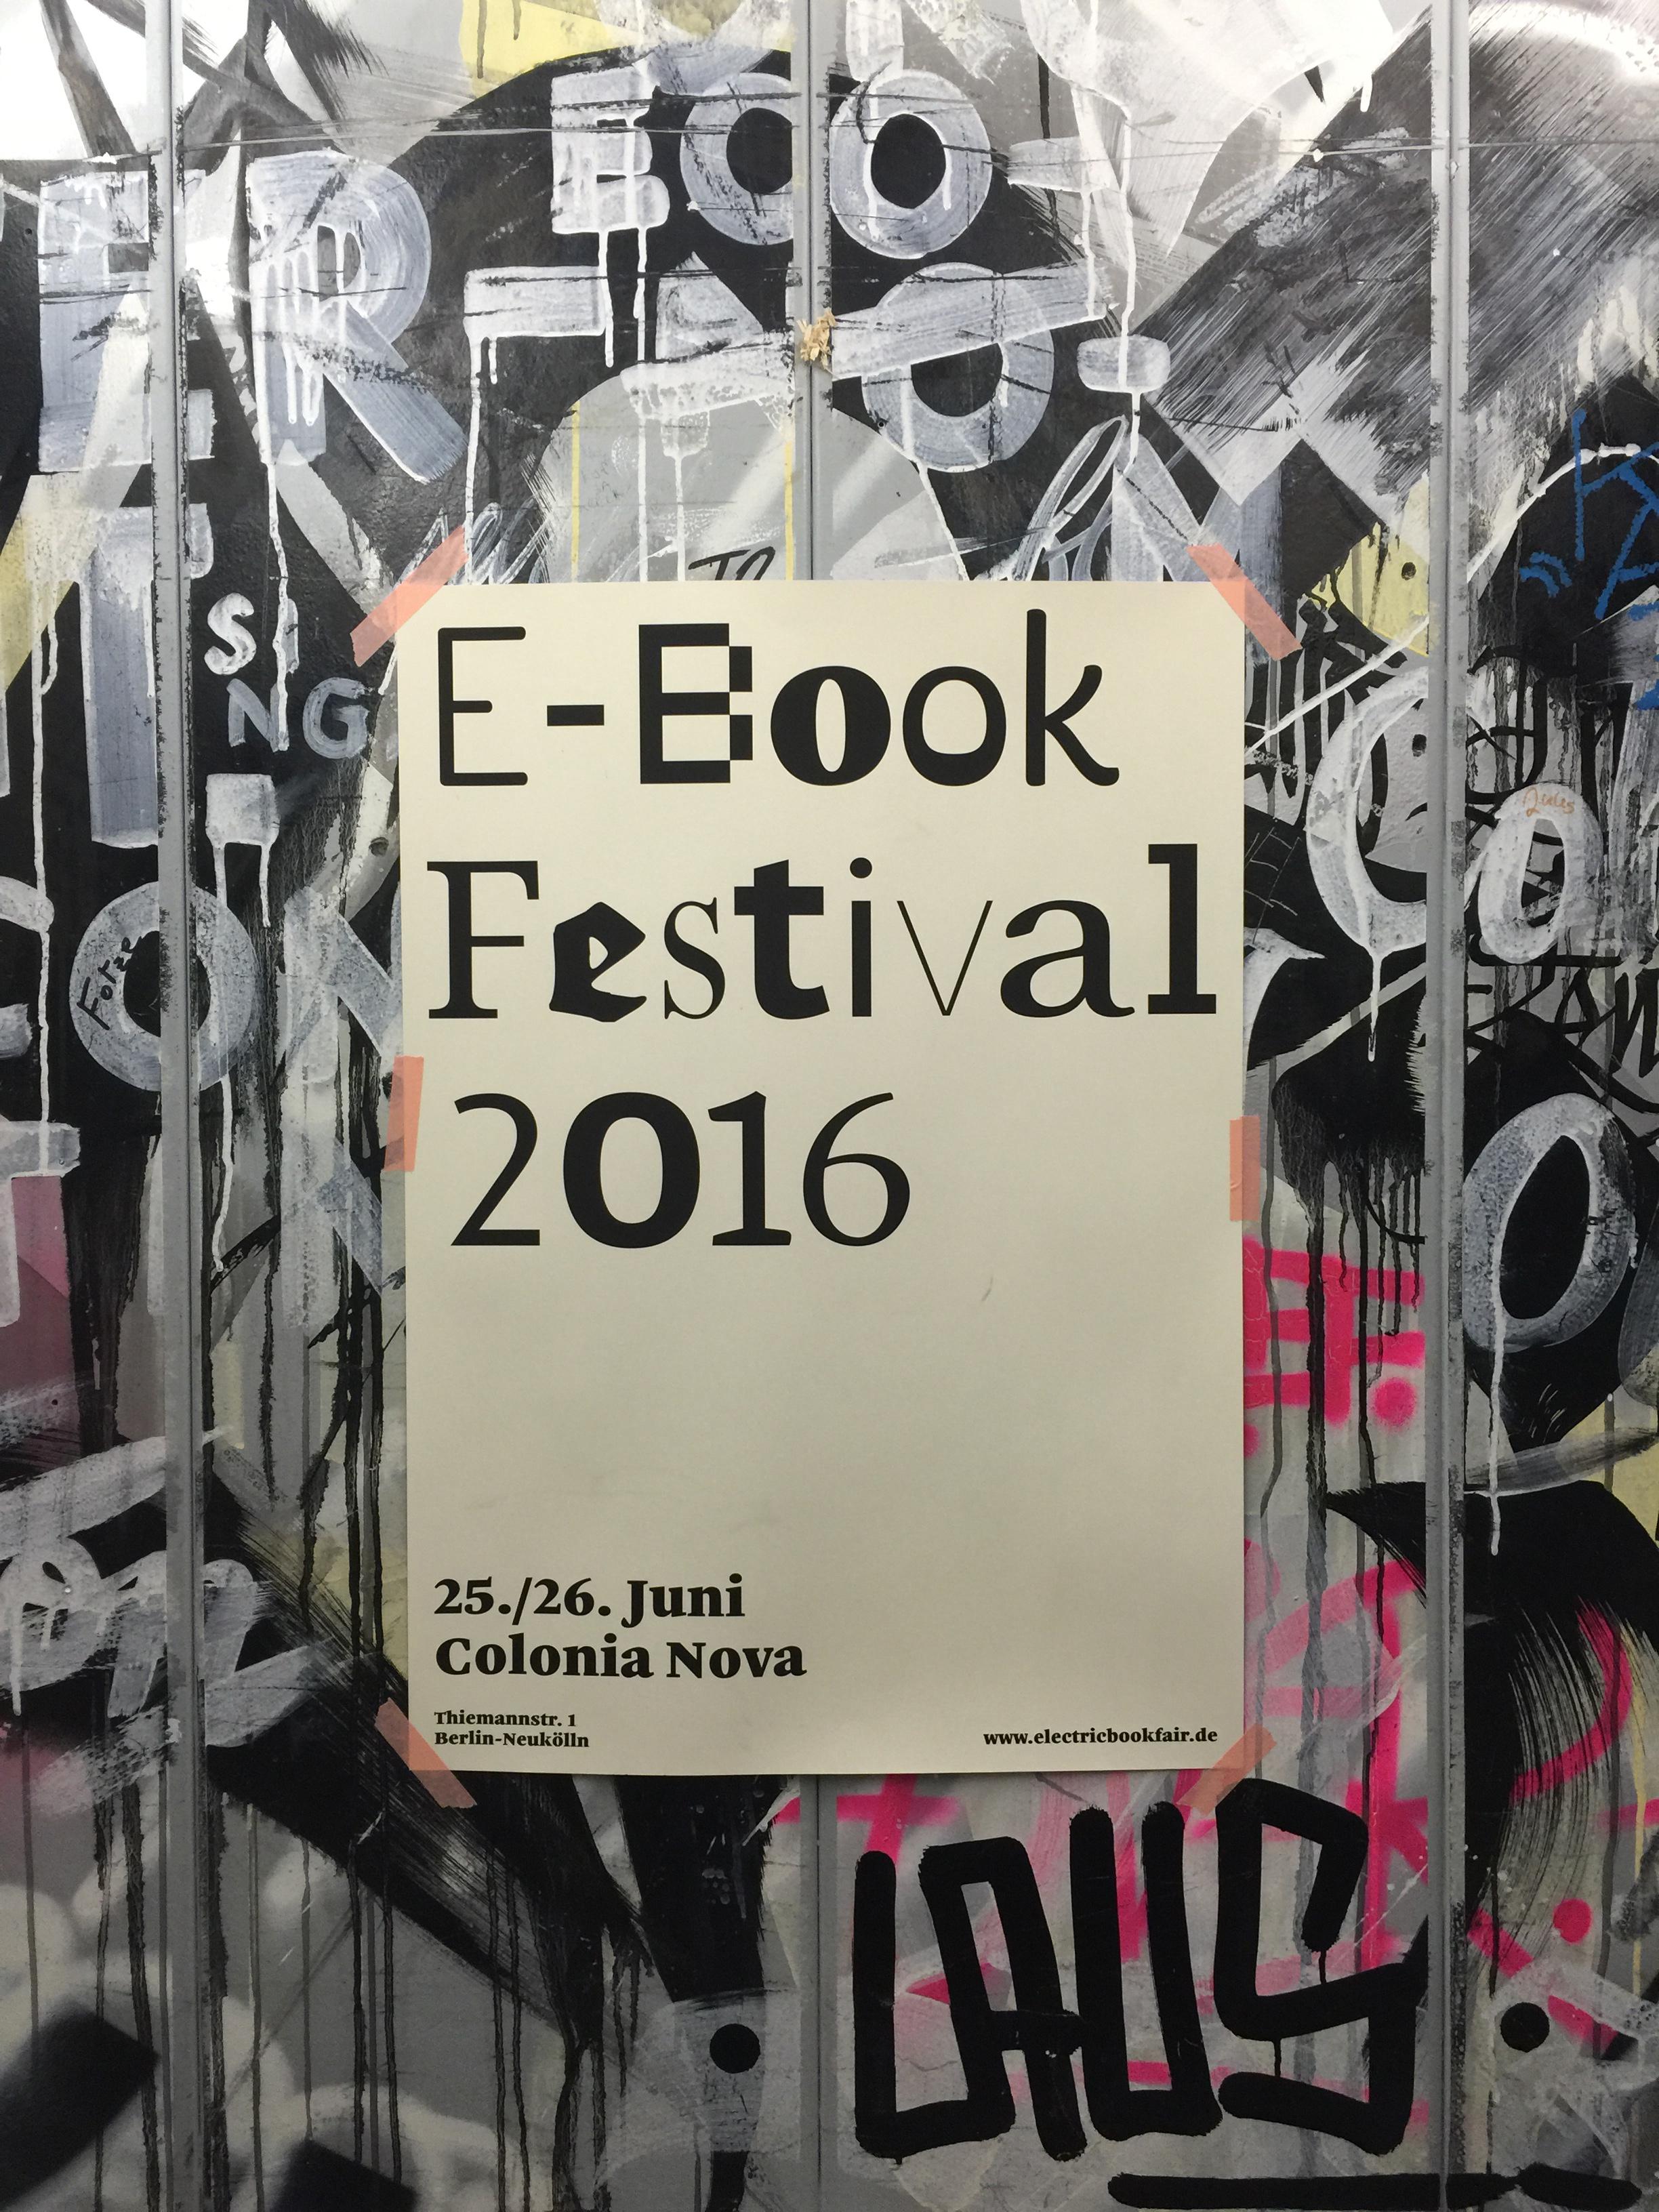 E-Book Festival 2016 Logo Design in use Veranstaltung